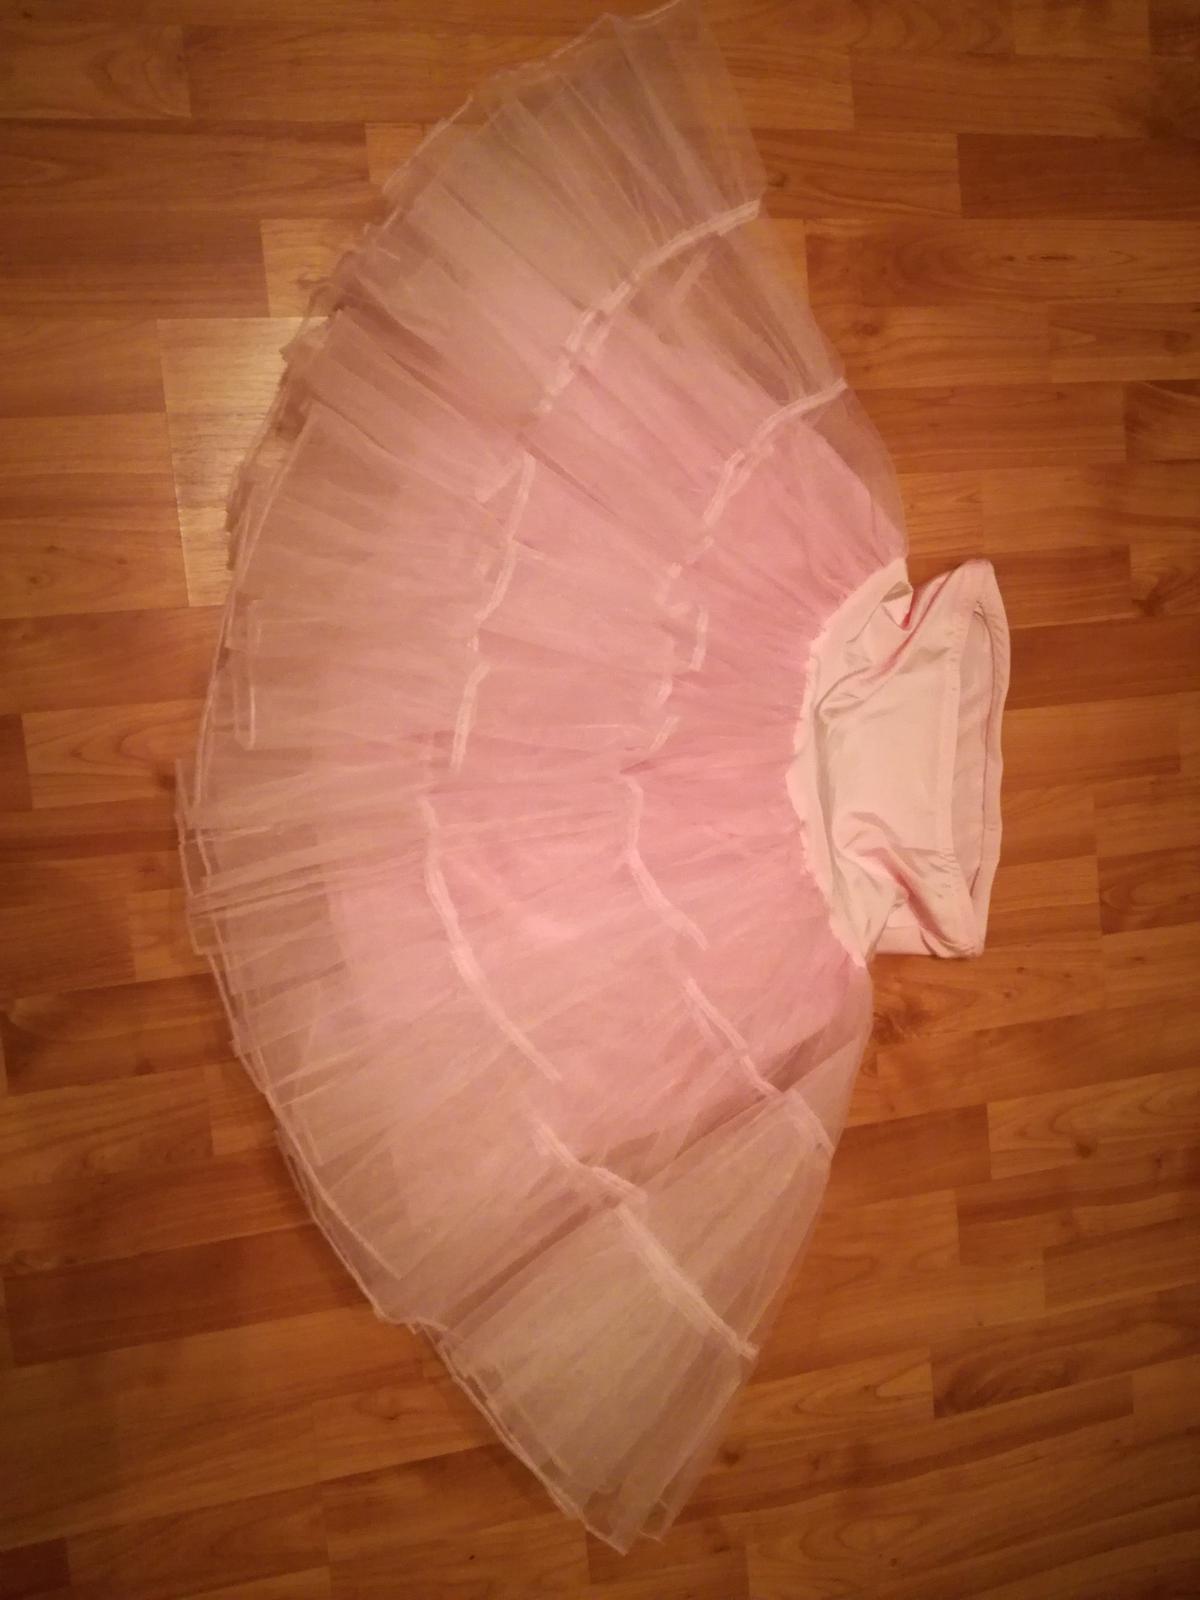 Staroružovē šaty veľkosti 10 - Obrázok č. 4